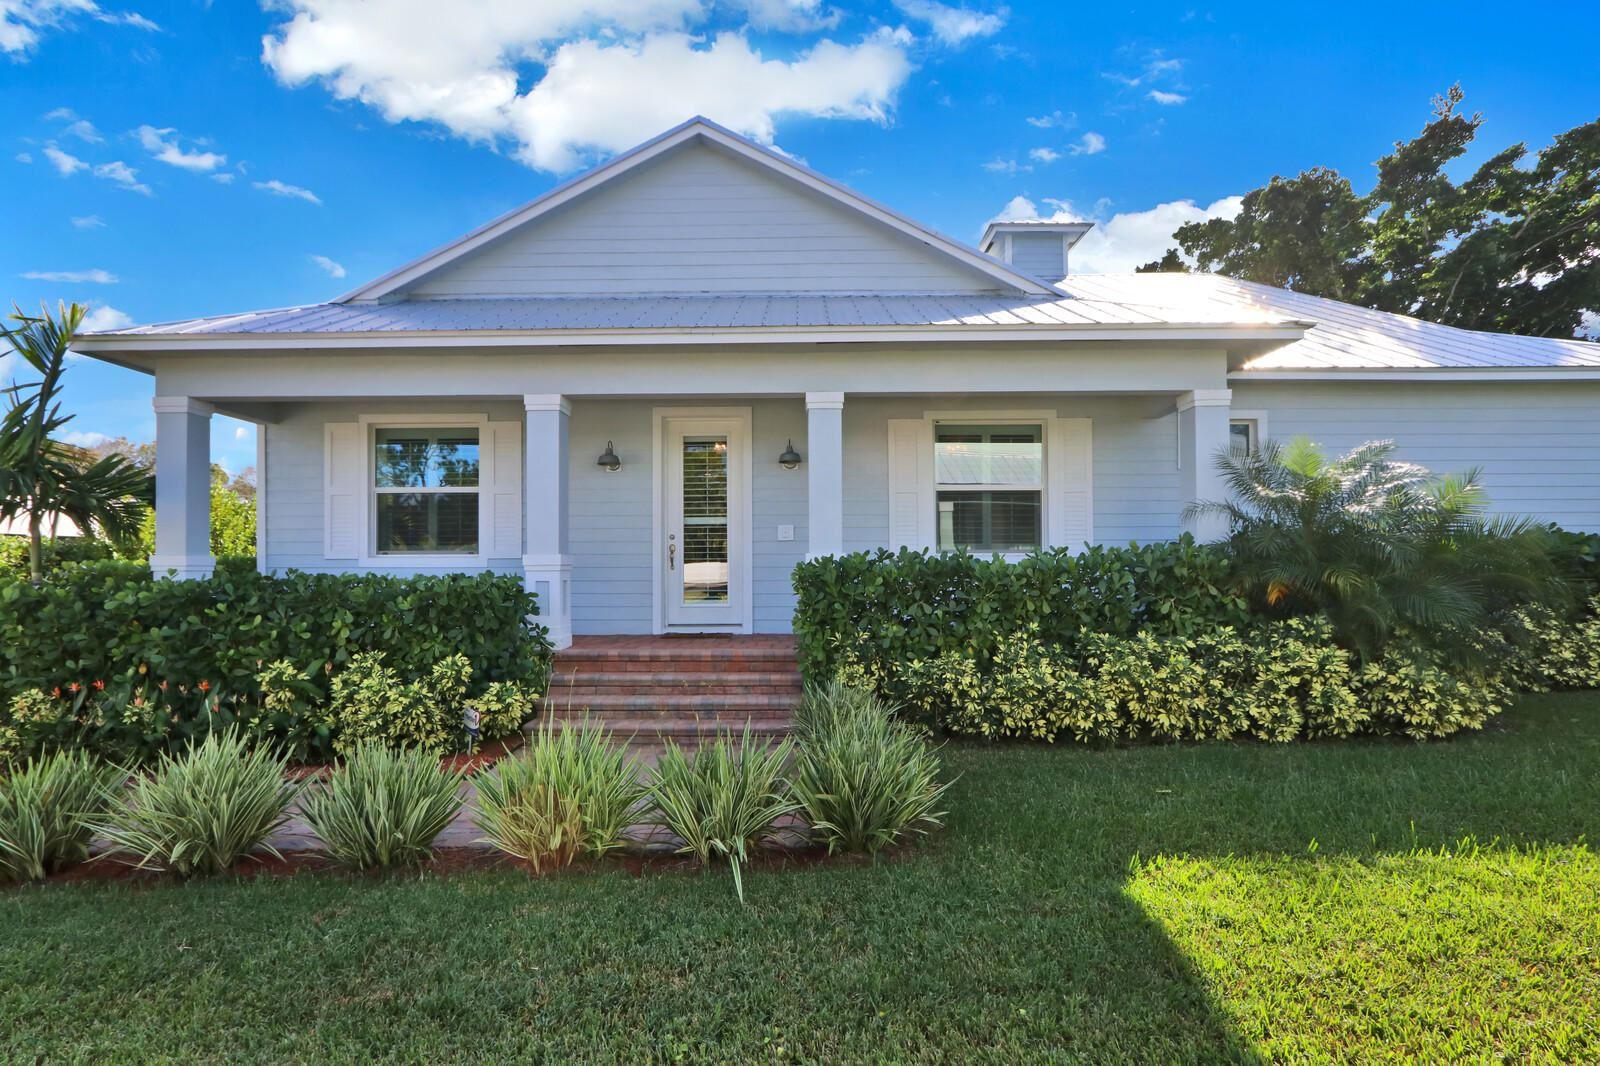 3090 SE River Breeze Place, Stuart, FL 34996 - #: RX-10675754